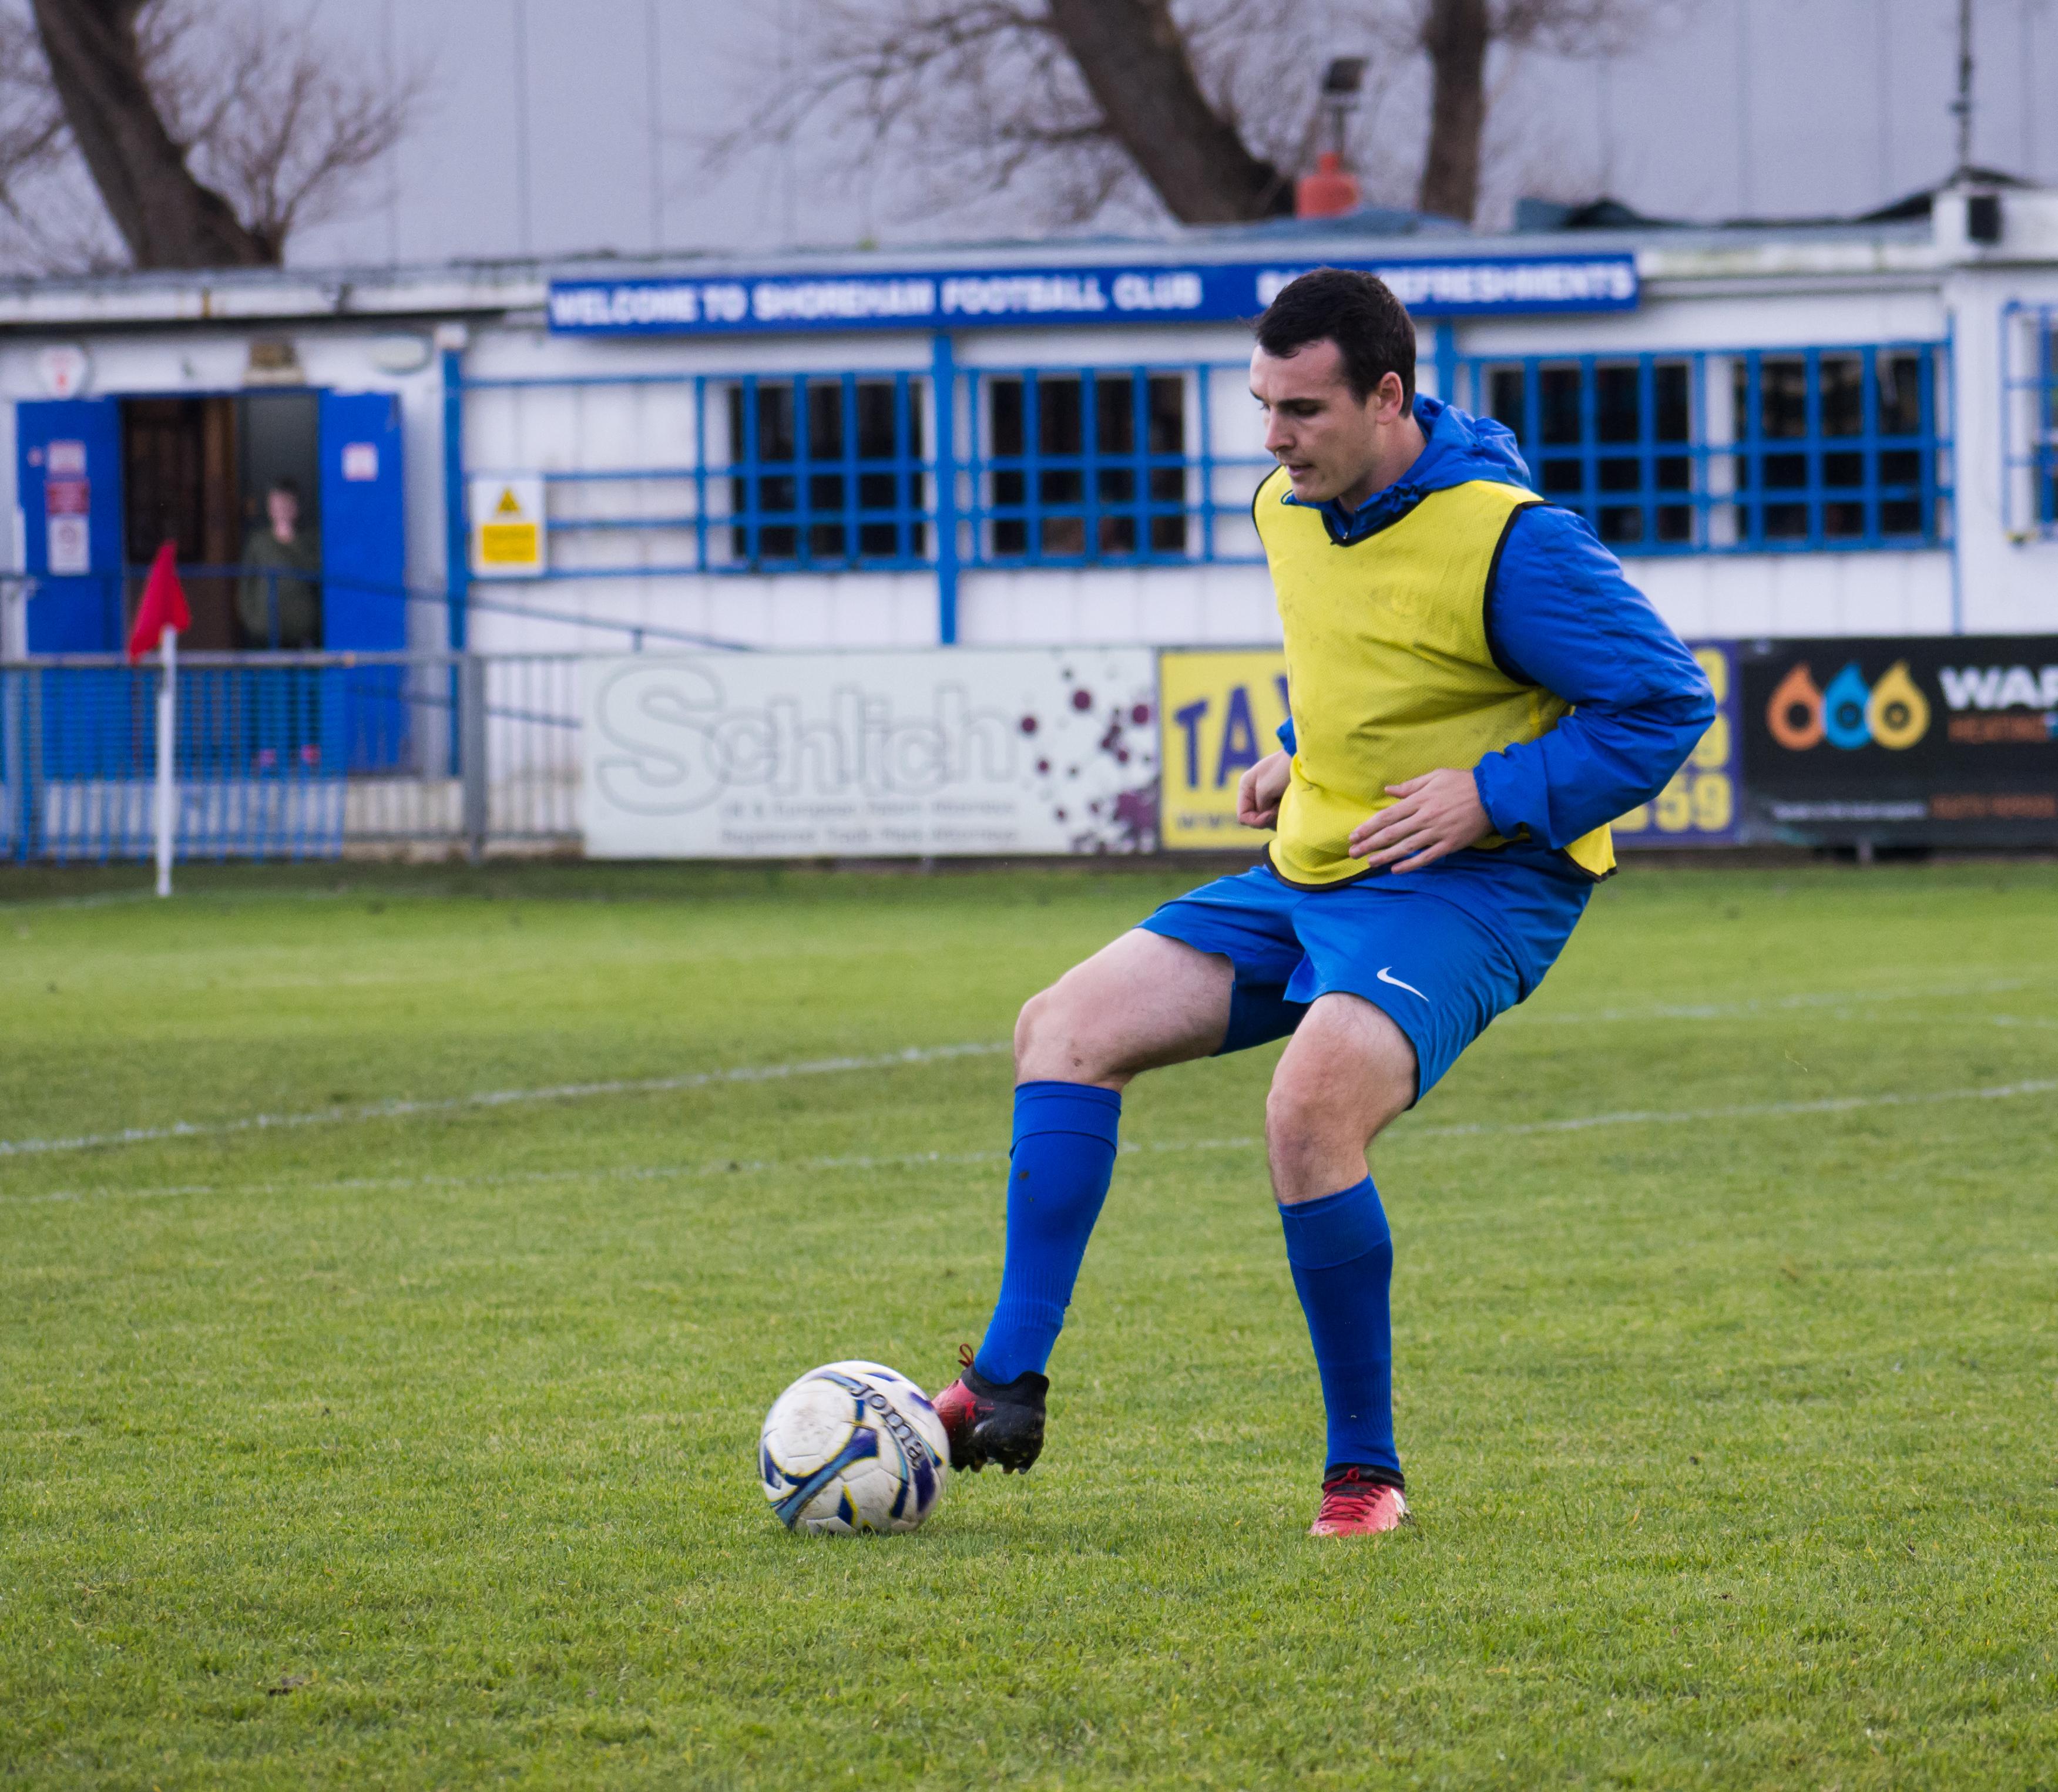 Shoreham FC vs Hythe Town 11.11.17 06